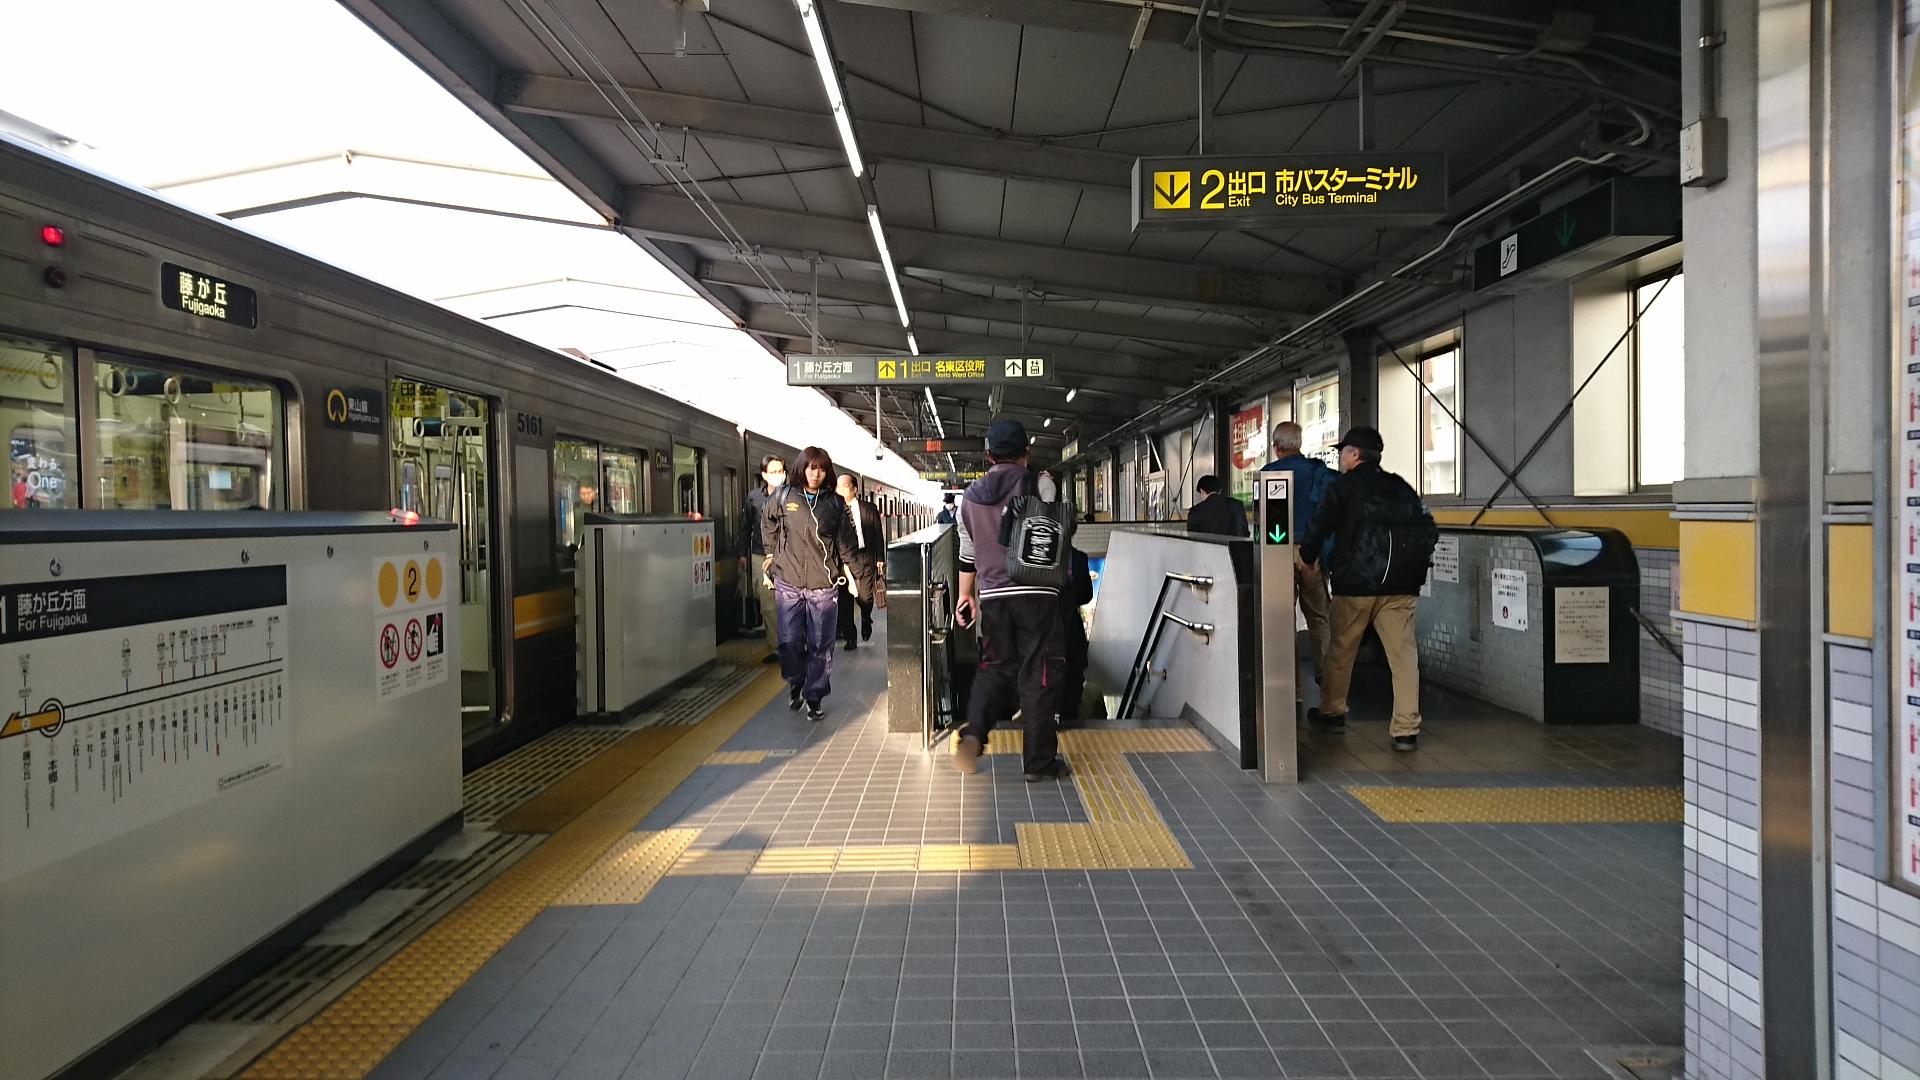 2018.4.3 名古屋 (19) 本郷 - 藤が丘いき 1920-1080